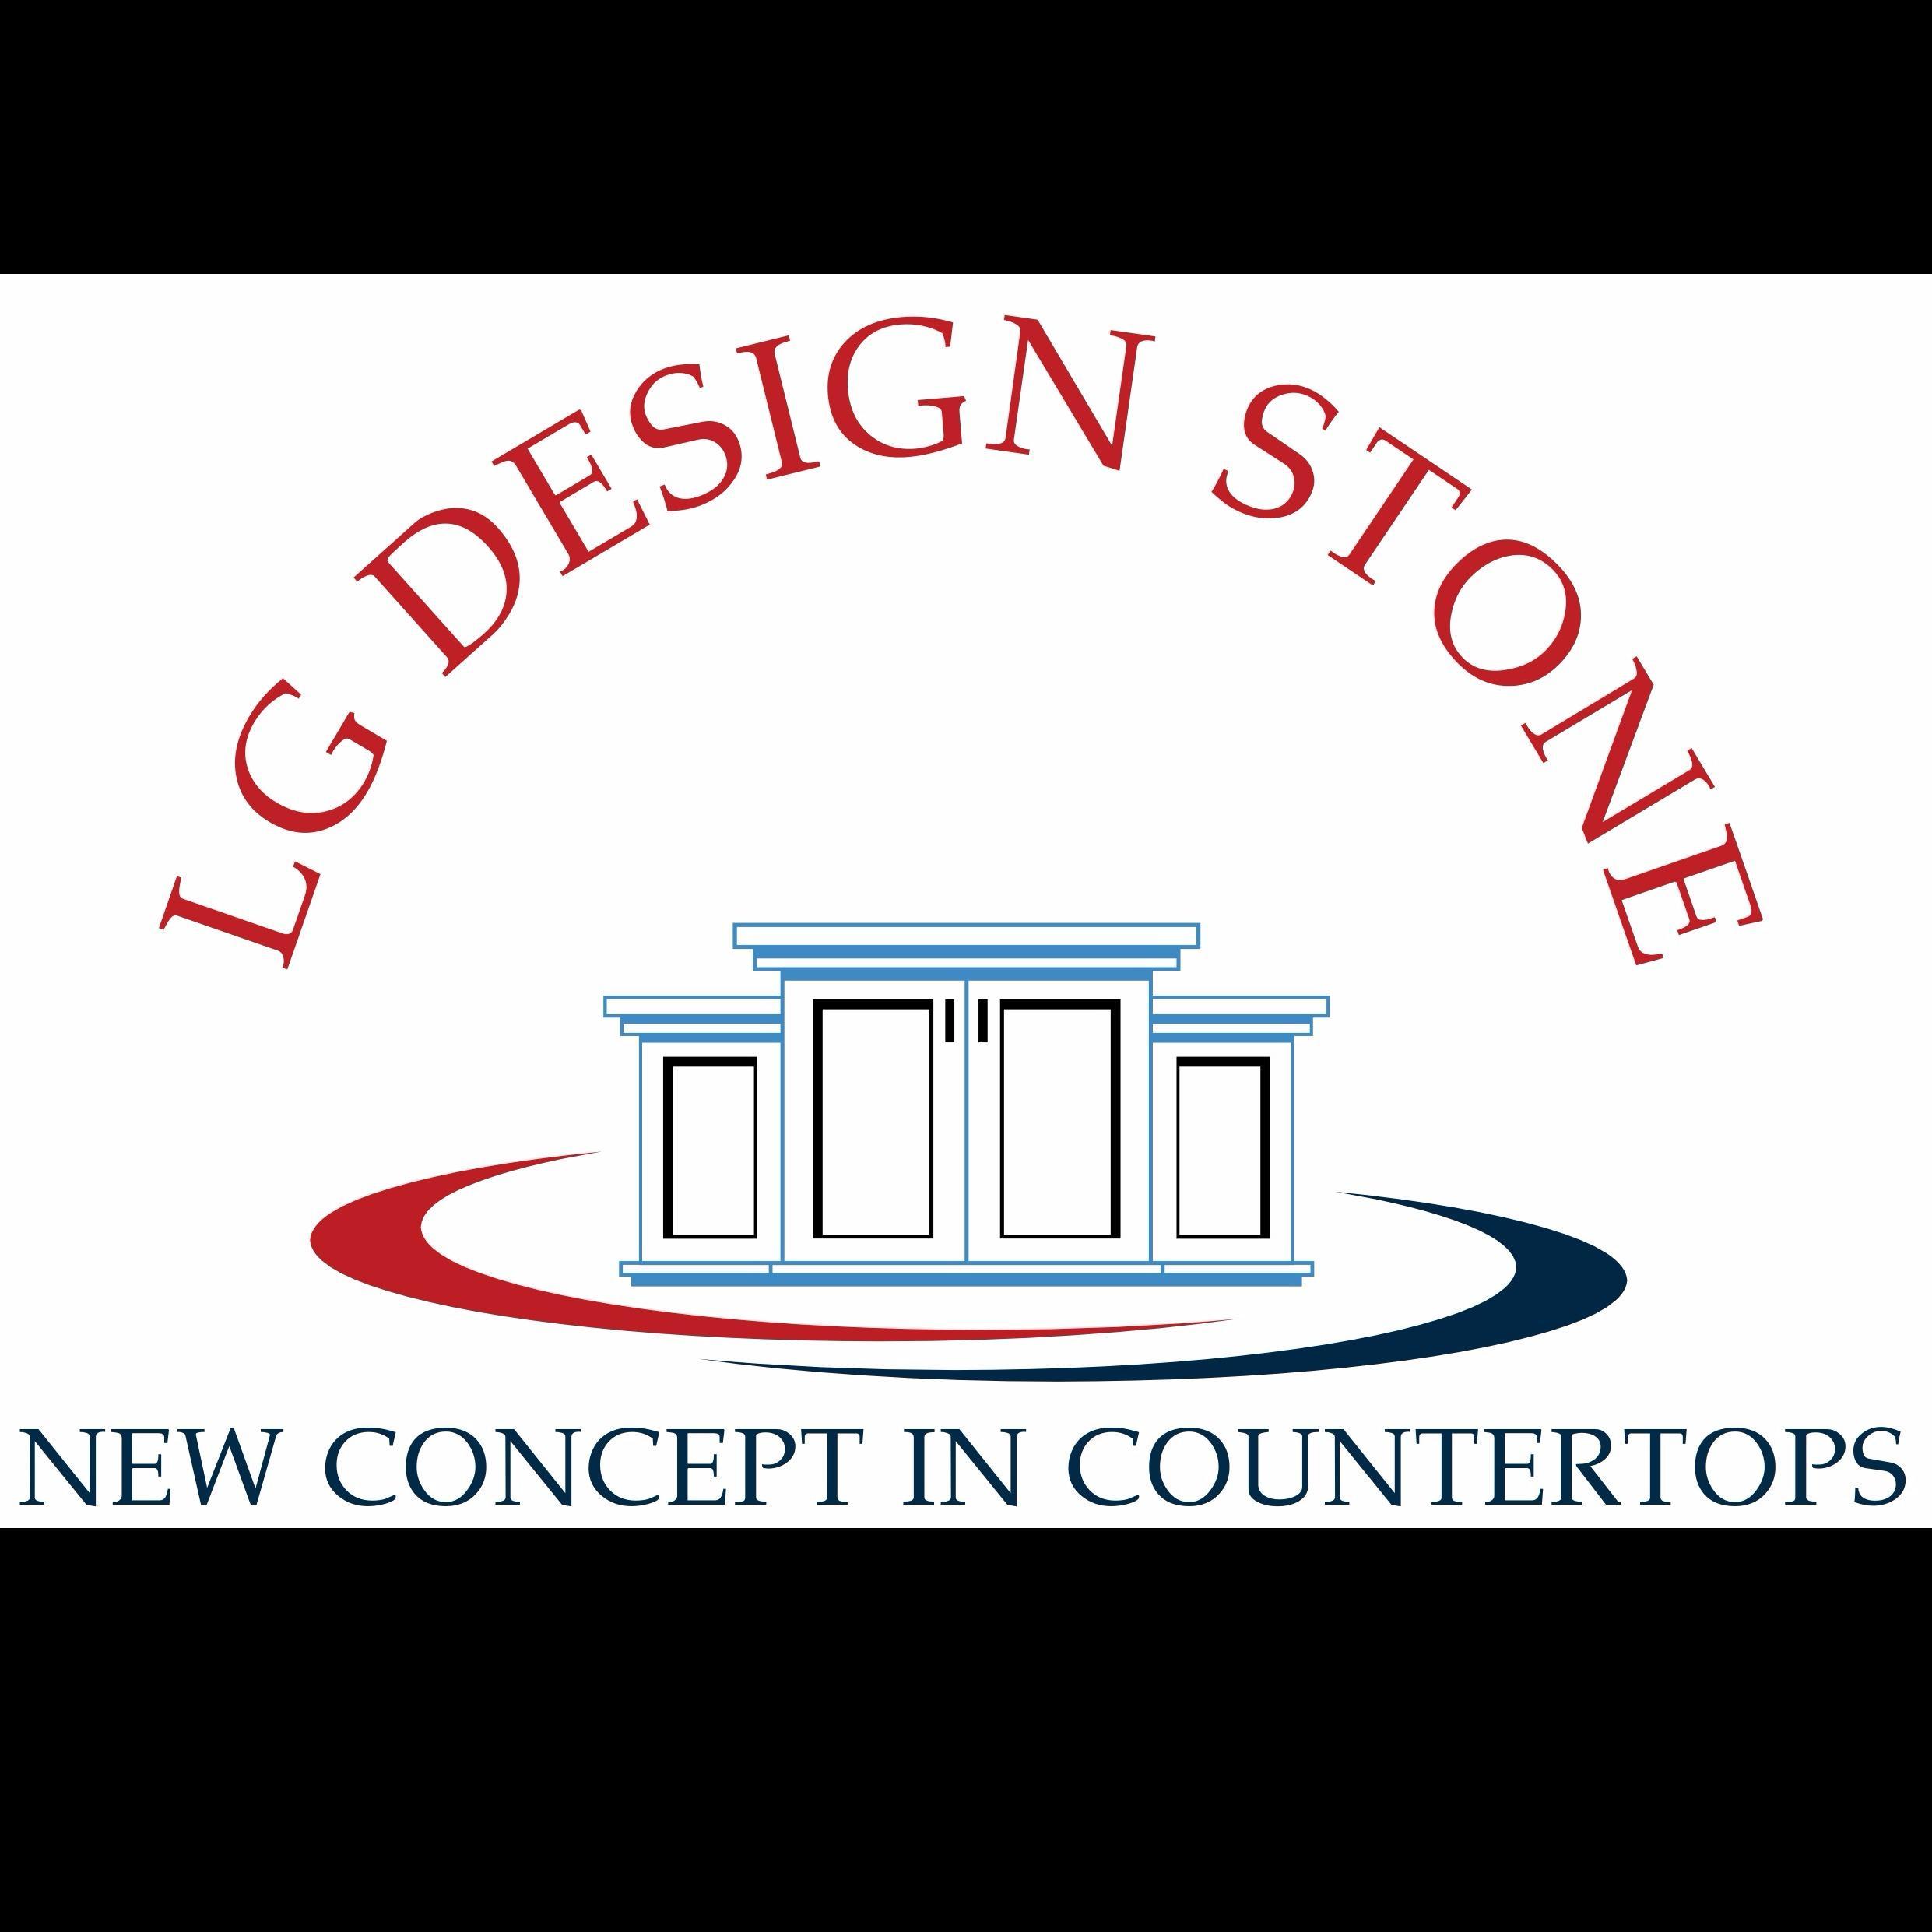 lg designstone